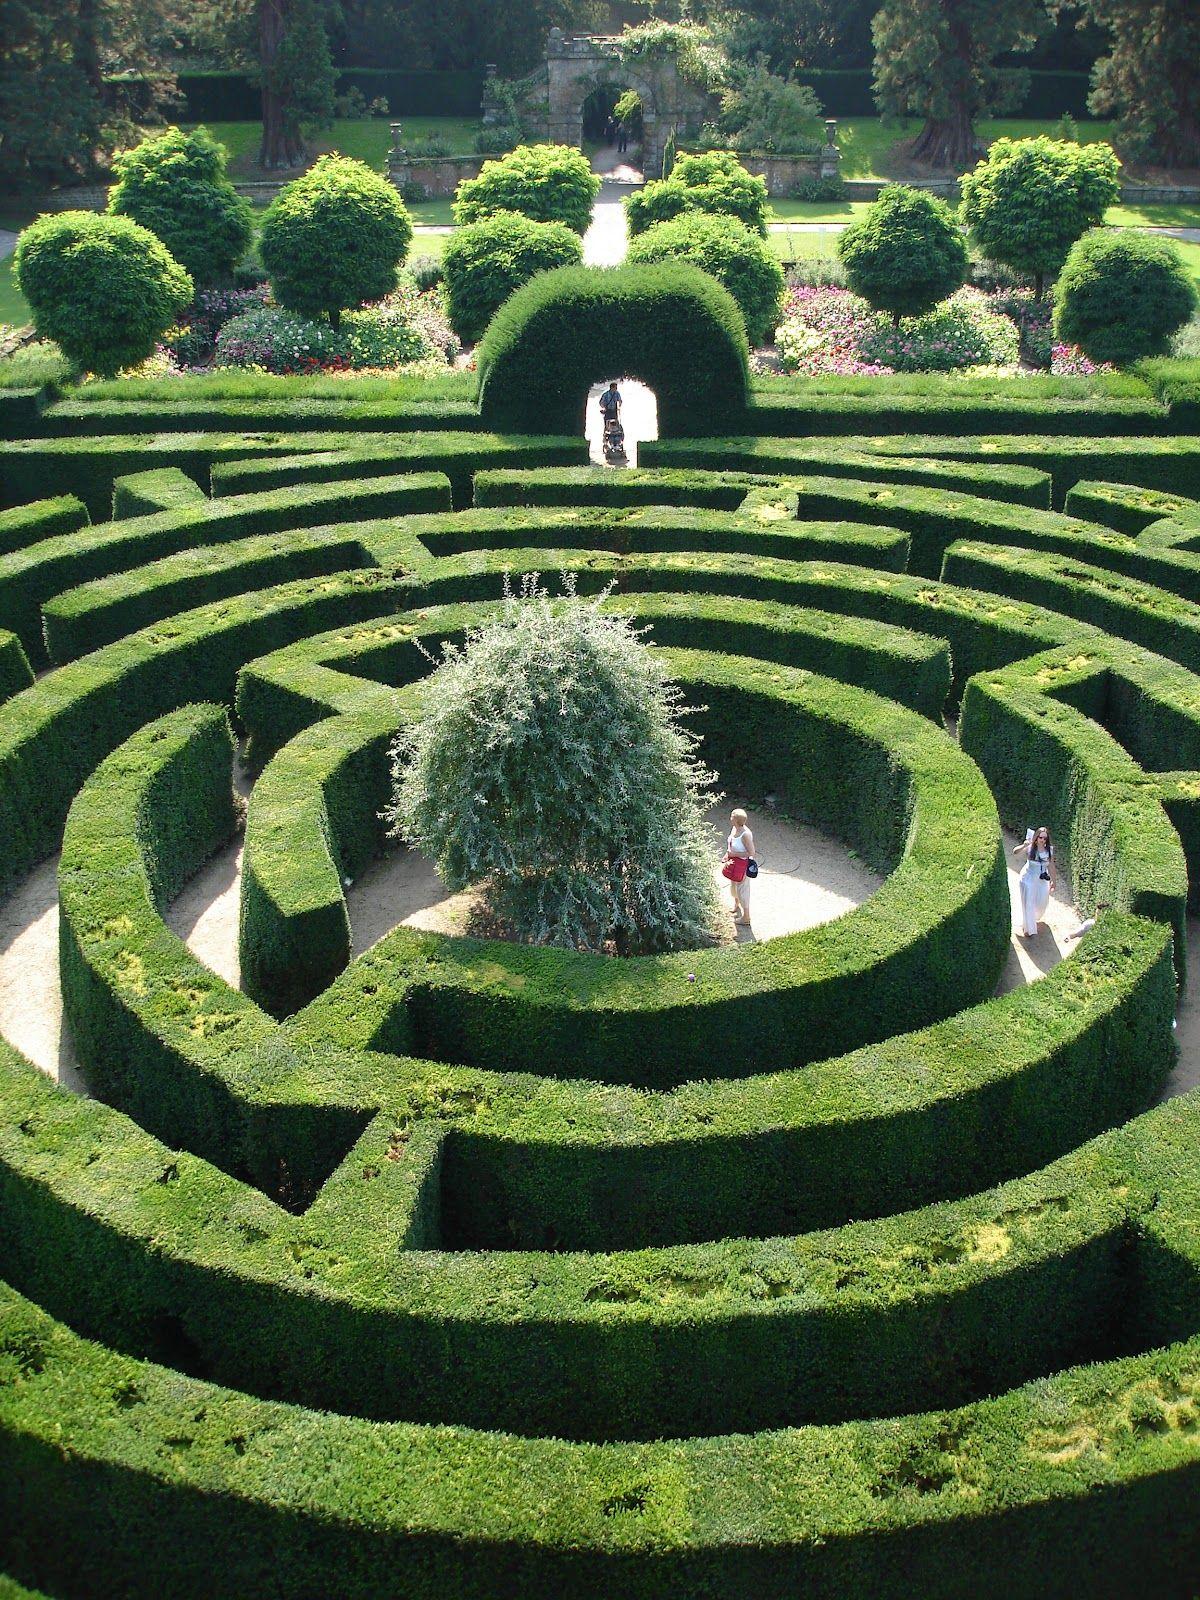 fa05300bfea Chatsworth maze garden in England. Weird dream to go into a maze garden.